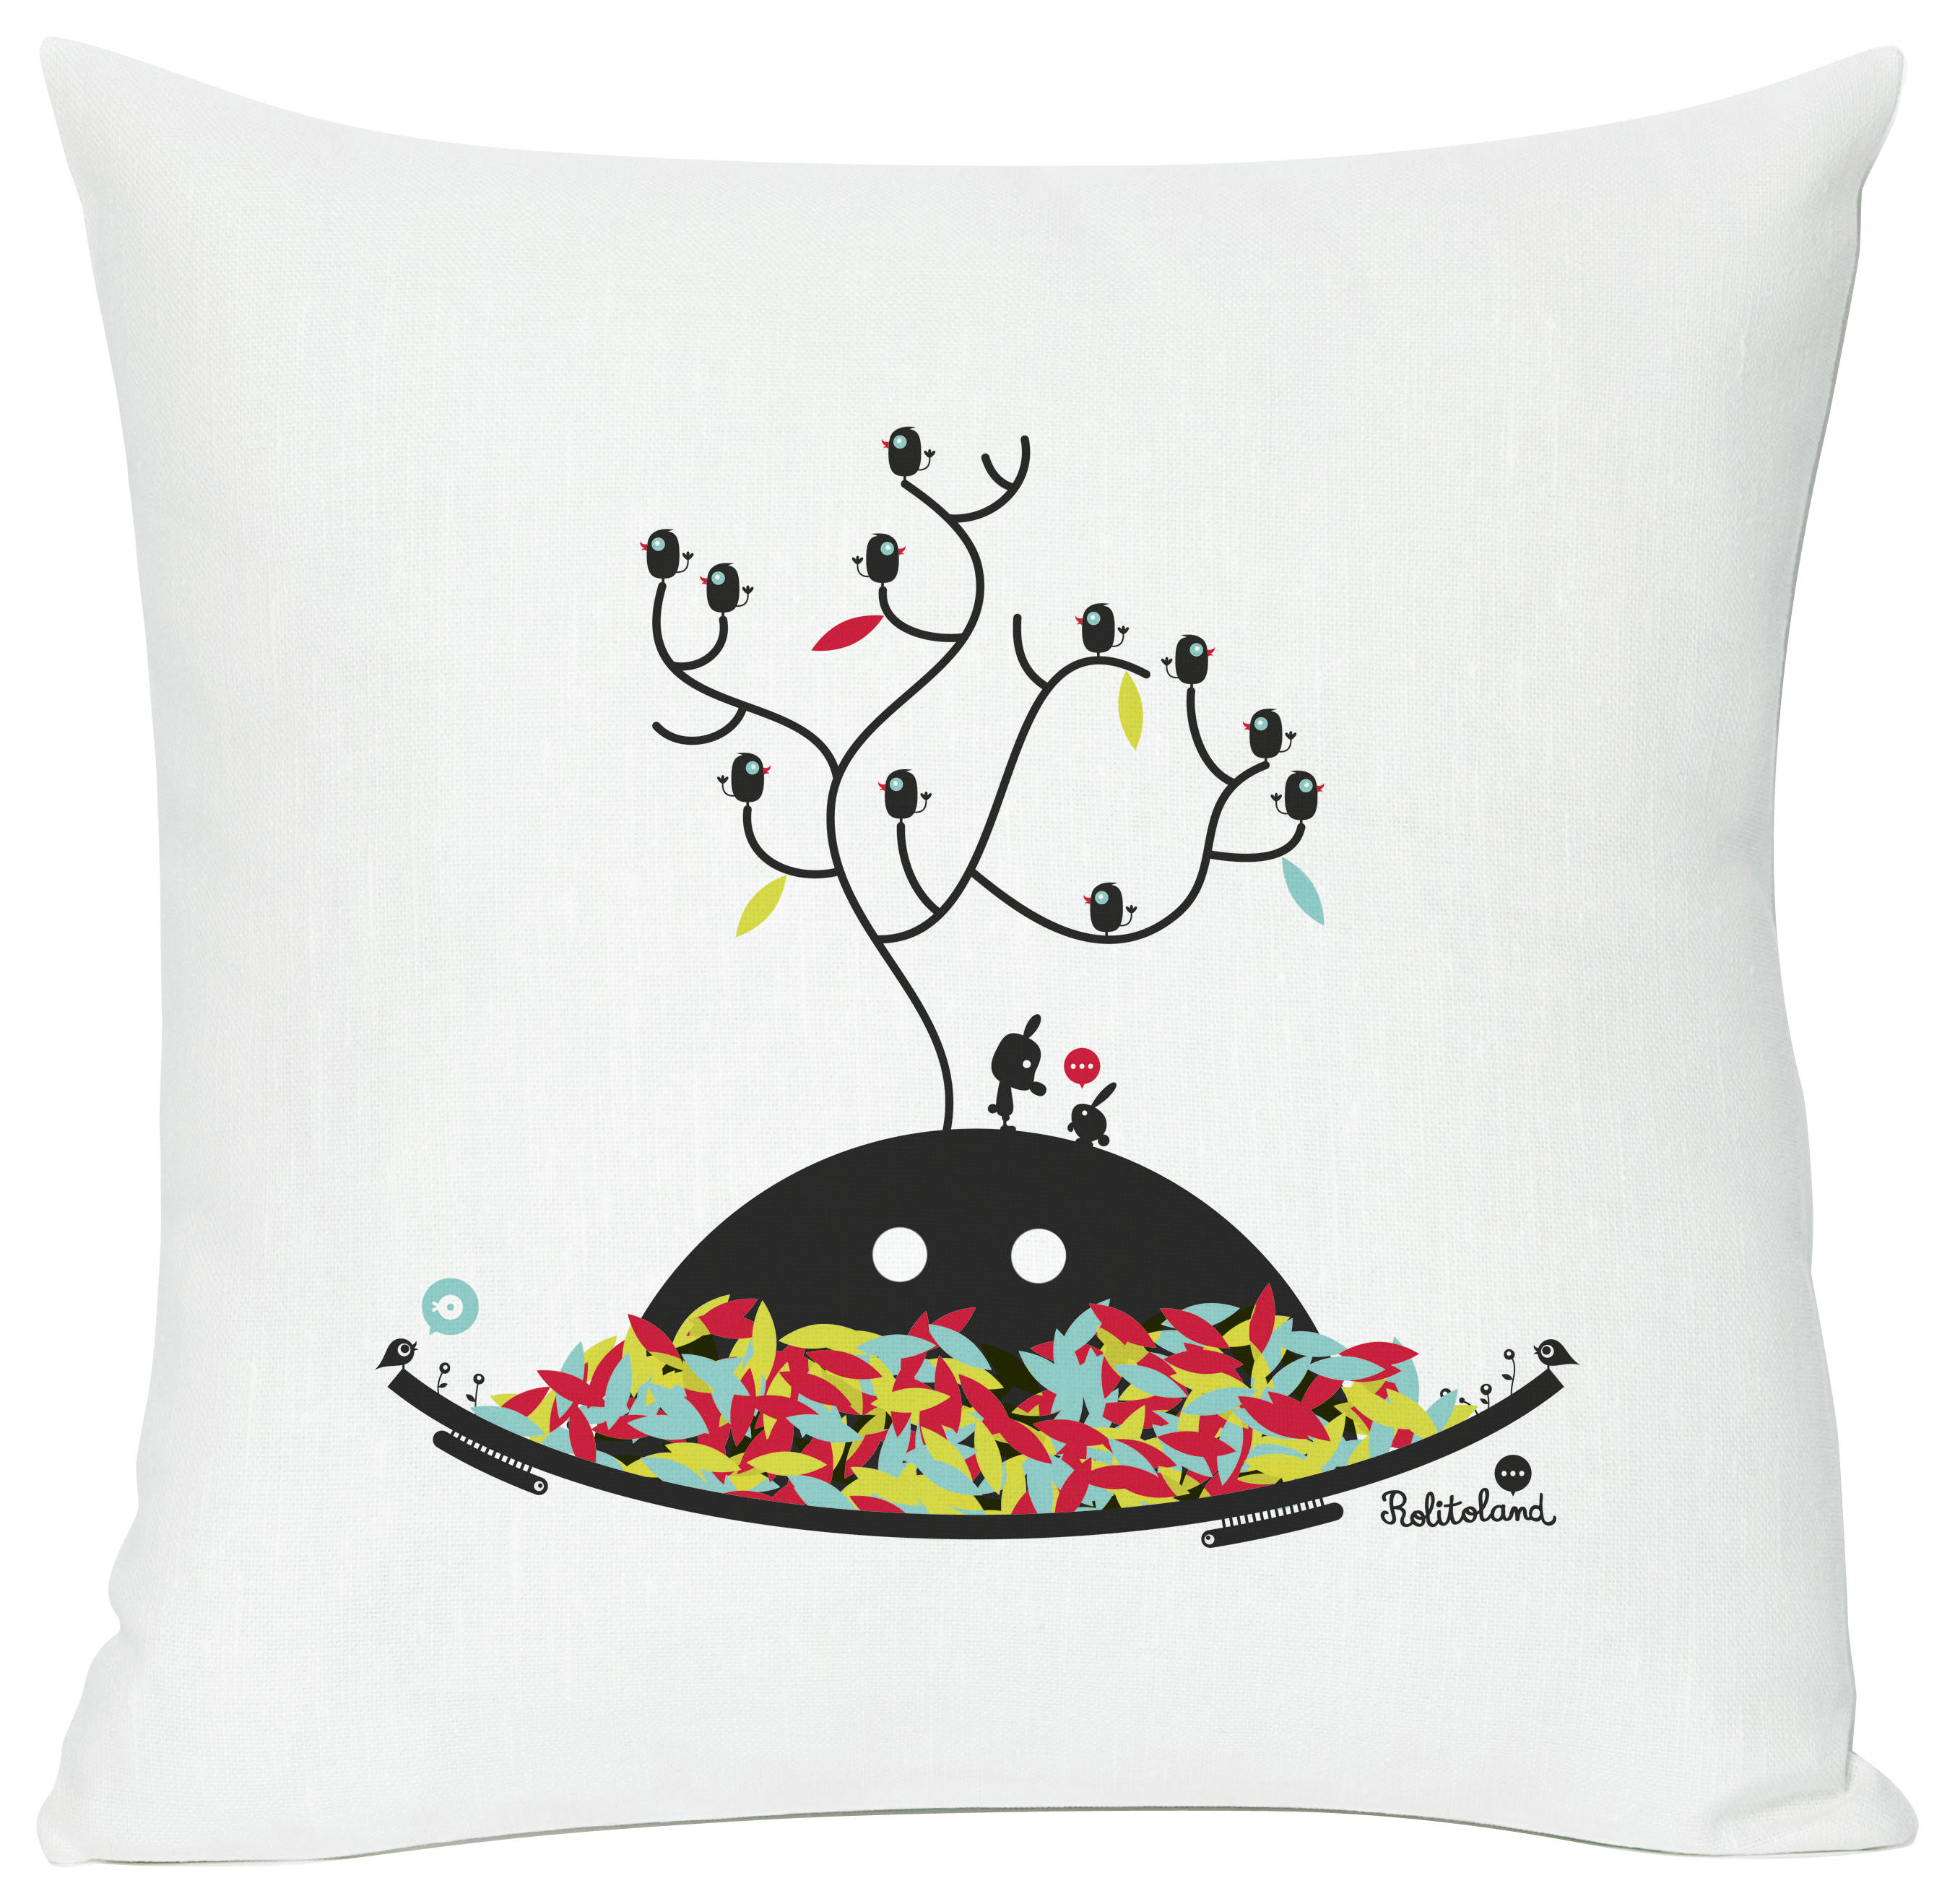 Interni - Per bambini - Cuscino Autumn wishes di Domestic - Autumn wishes - Bianco, nero & multicolore - Cotone, Lino